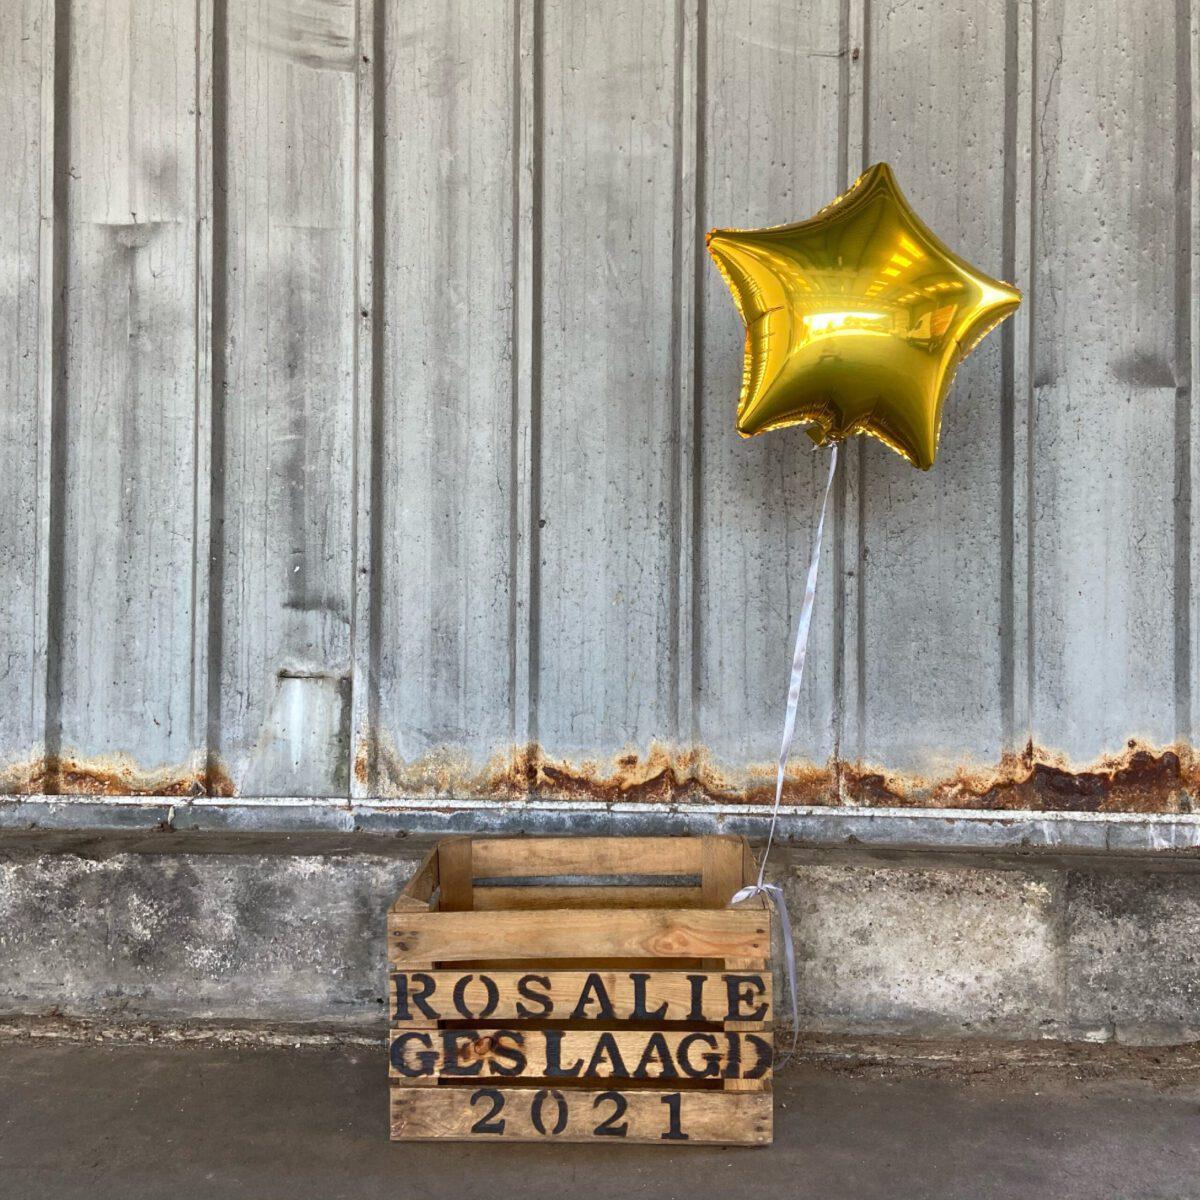 Rosalie geslaagd cadeau houten kist Liefslabel